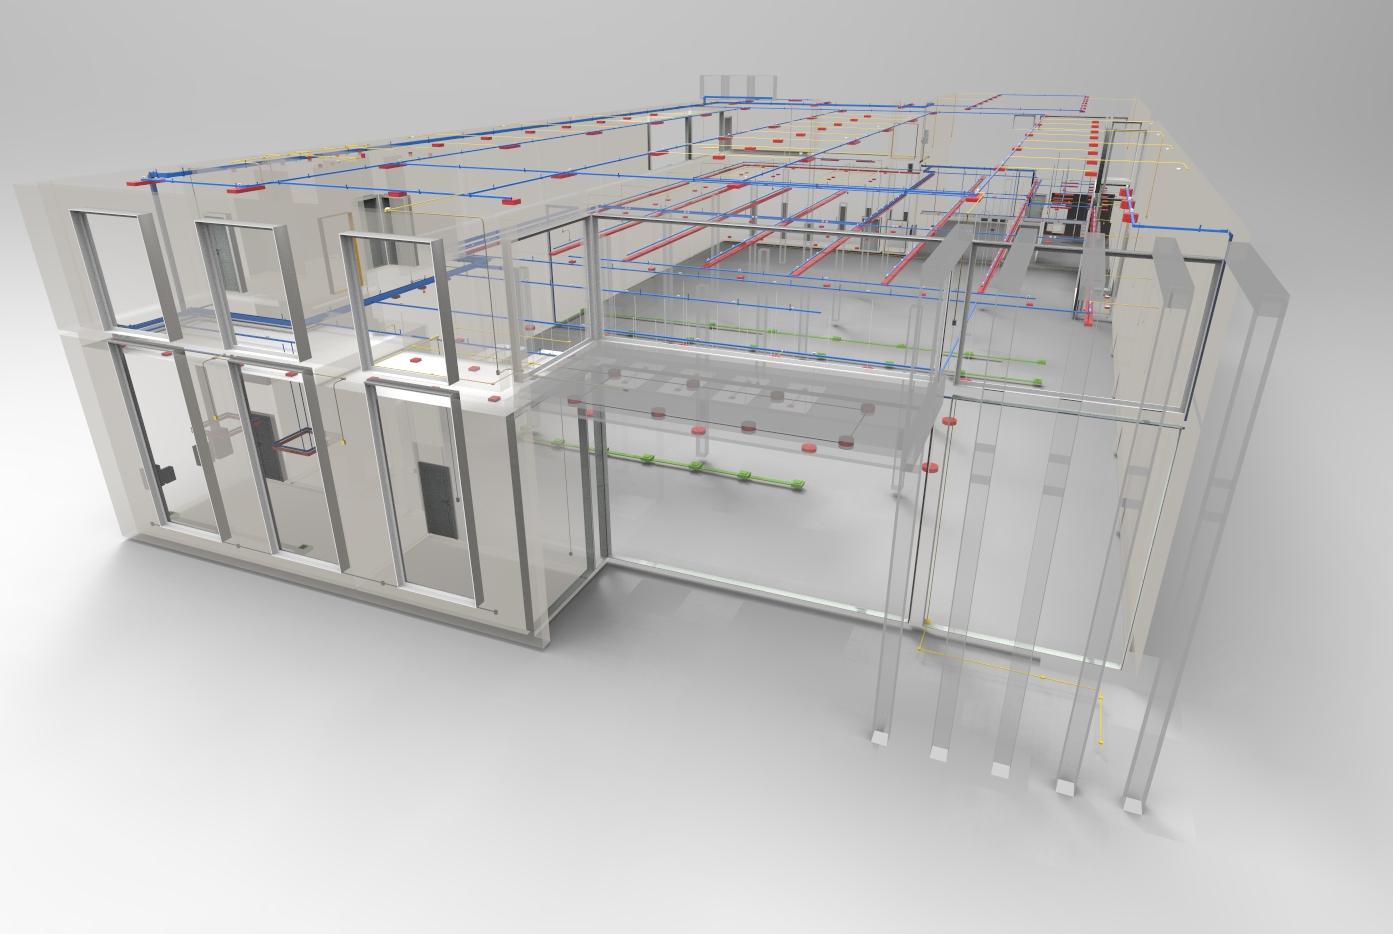 Simulação das instalações elétrica no interior da edificação